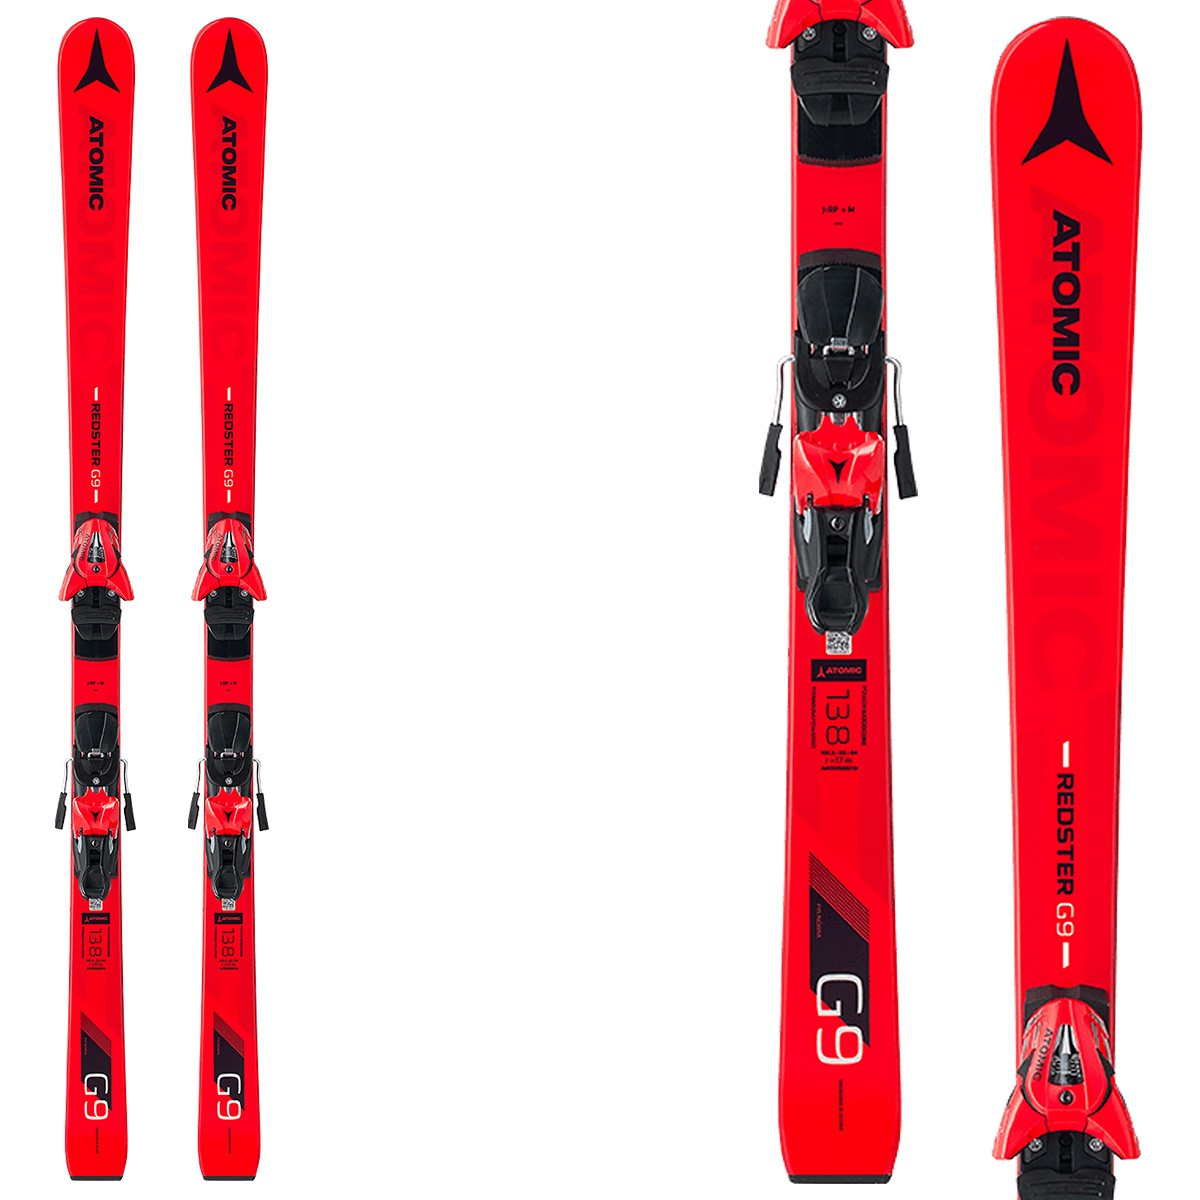 Ski Atomic Redster G9 FIS J-RP + Bindings Z10